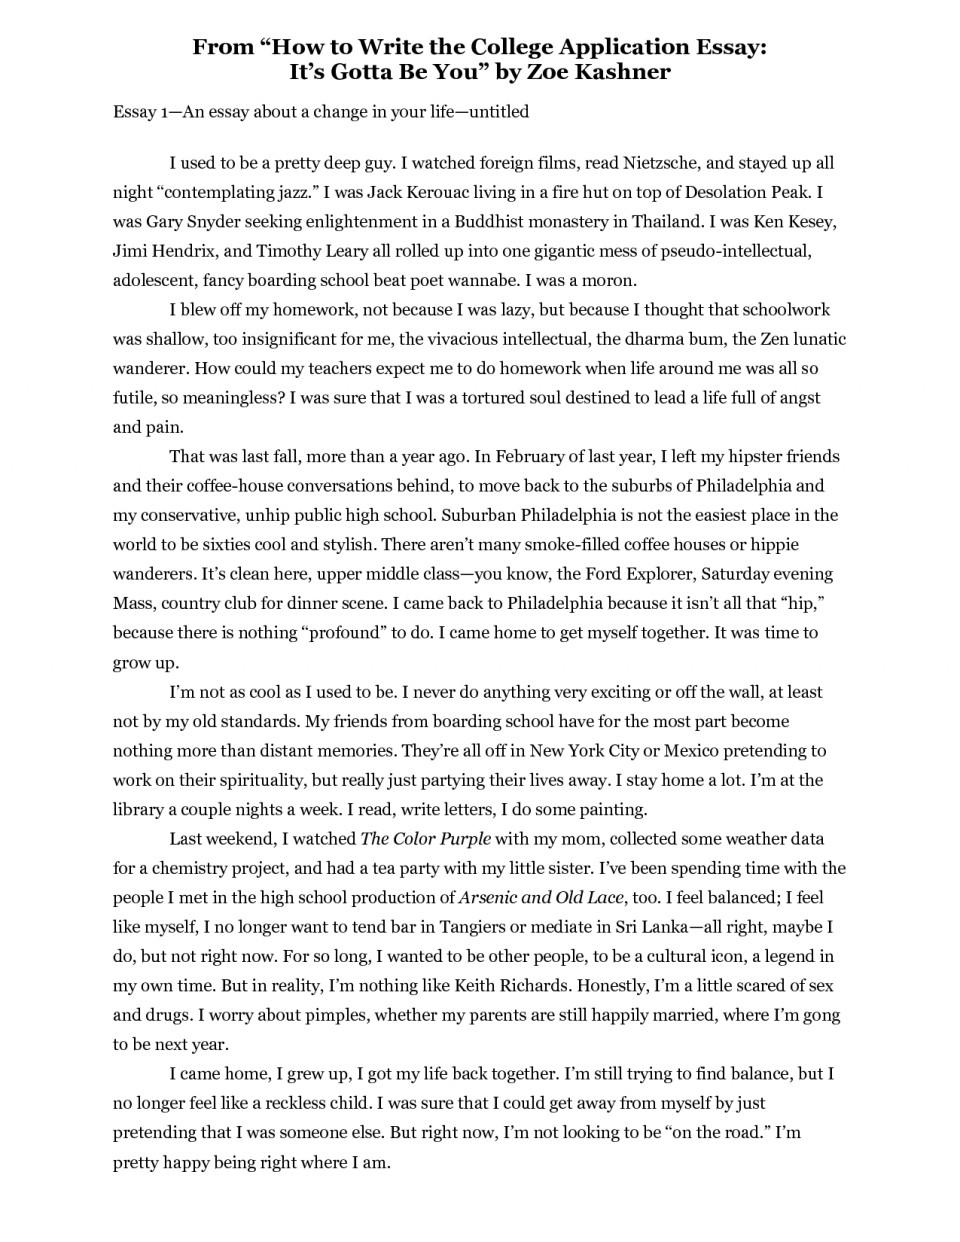 Essay of diwali festival